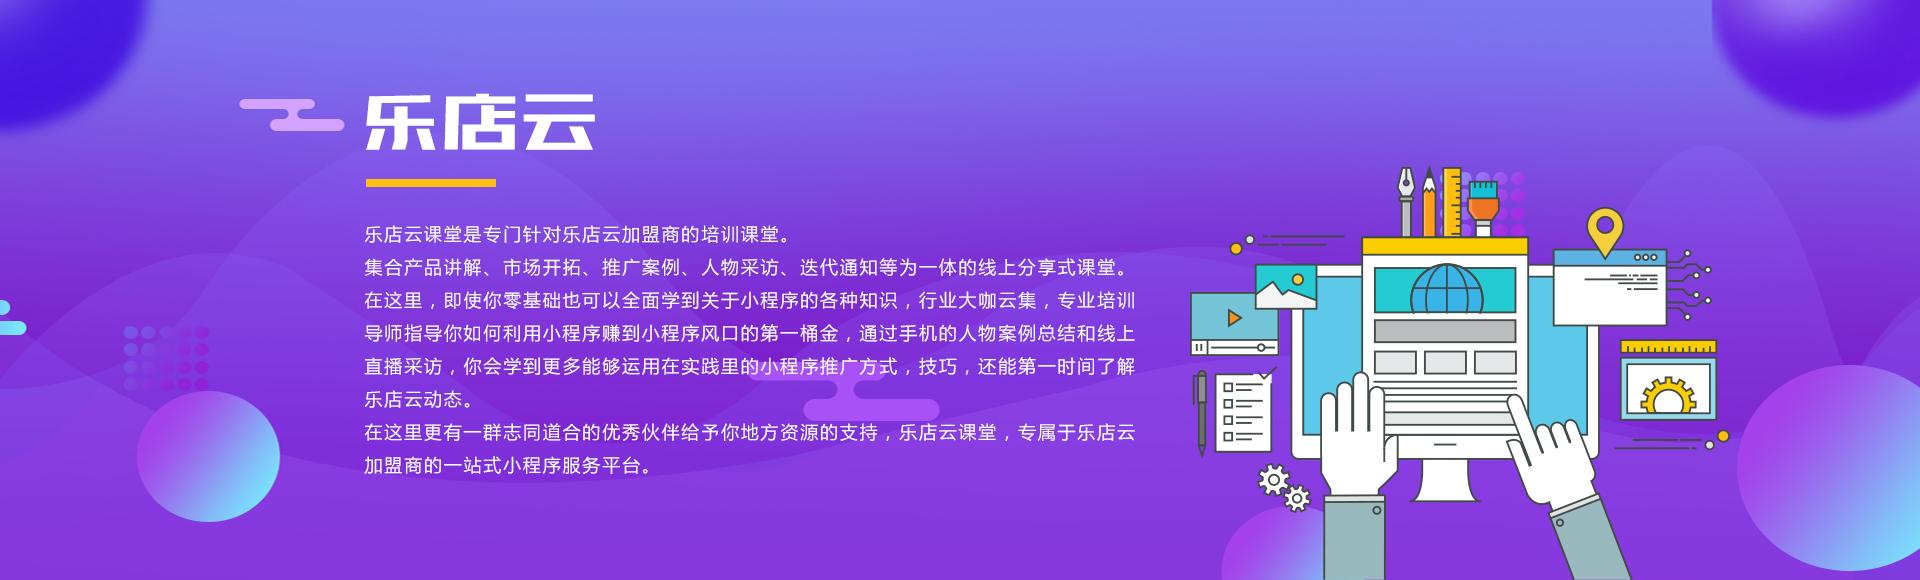 乐店云-小程序模板|微信小程序开发工具|微信小程序制作平台|新零售解决方案-乐店云课堂